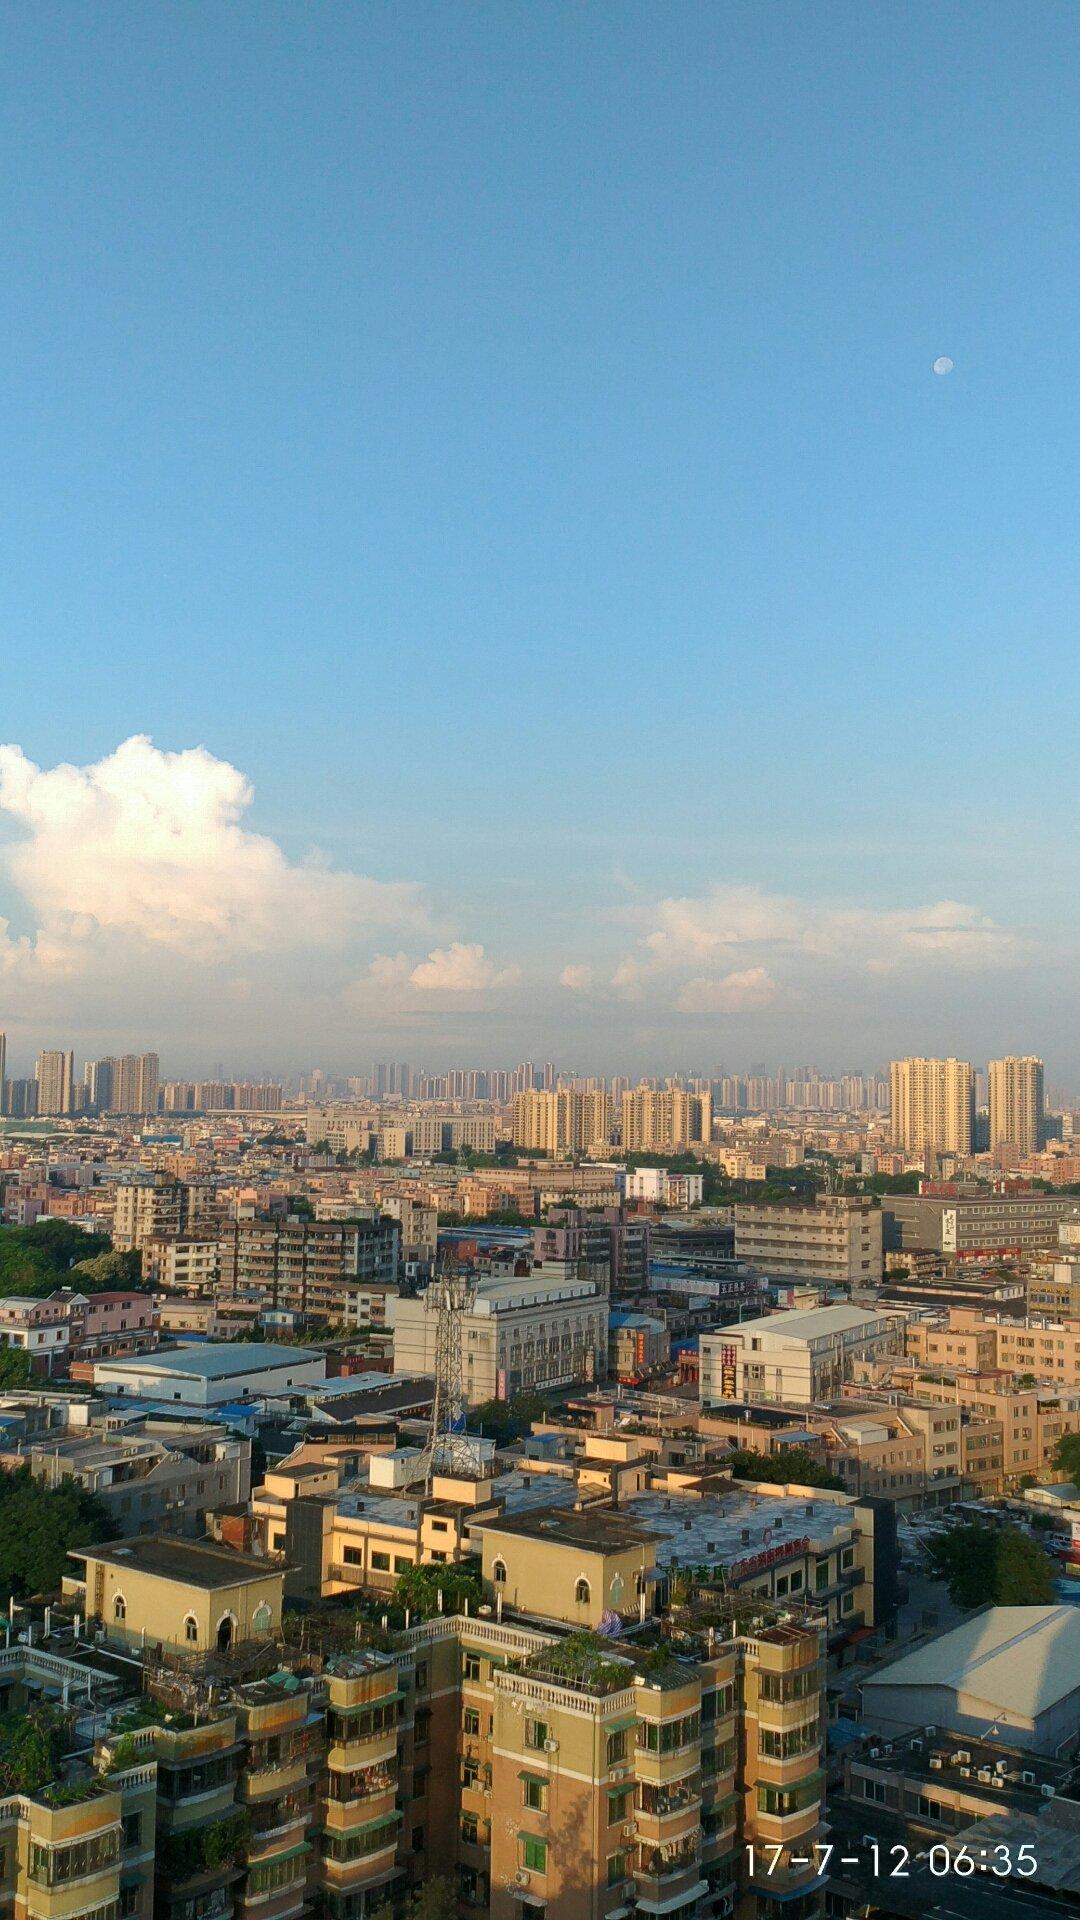 广东省广州市荔湾区街道塘初中石围涡天气预报大小的排行榜海南省好图片